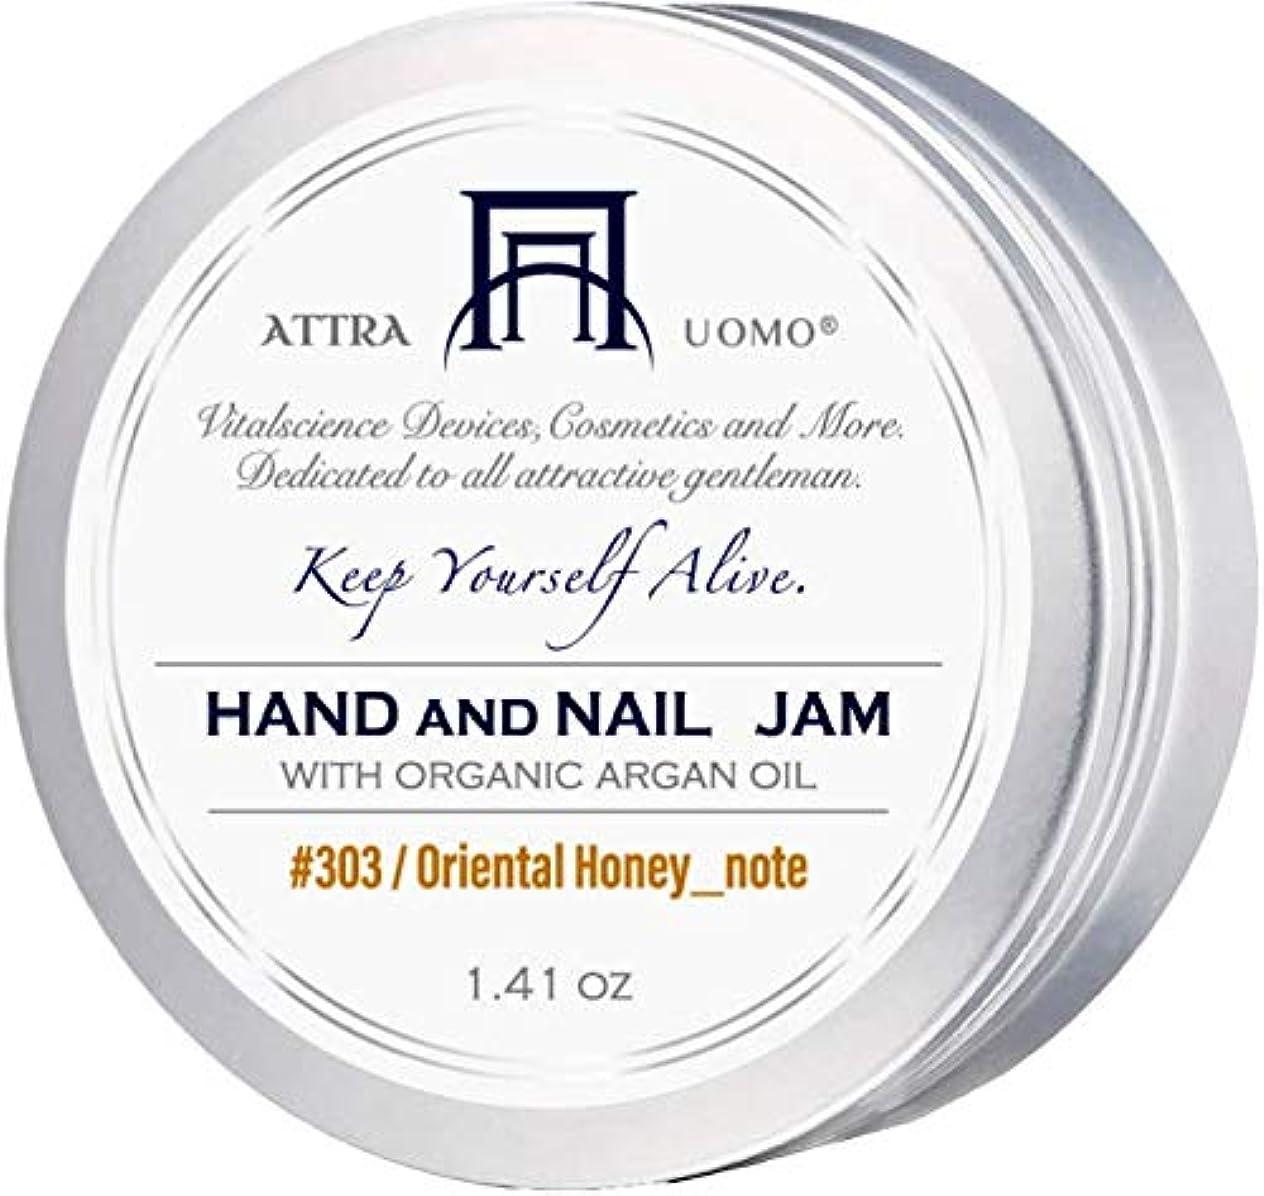 セマフォ洞察力のある合唱団アトラ ハンド&ネイルジャム 40g (#303オリエンタルハニーの香り)